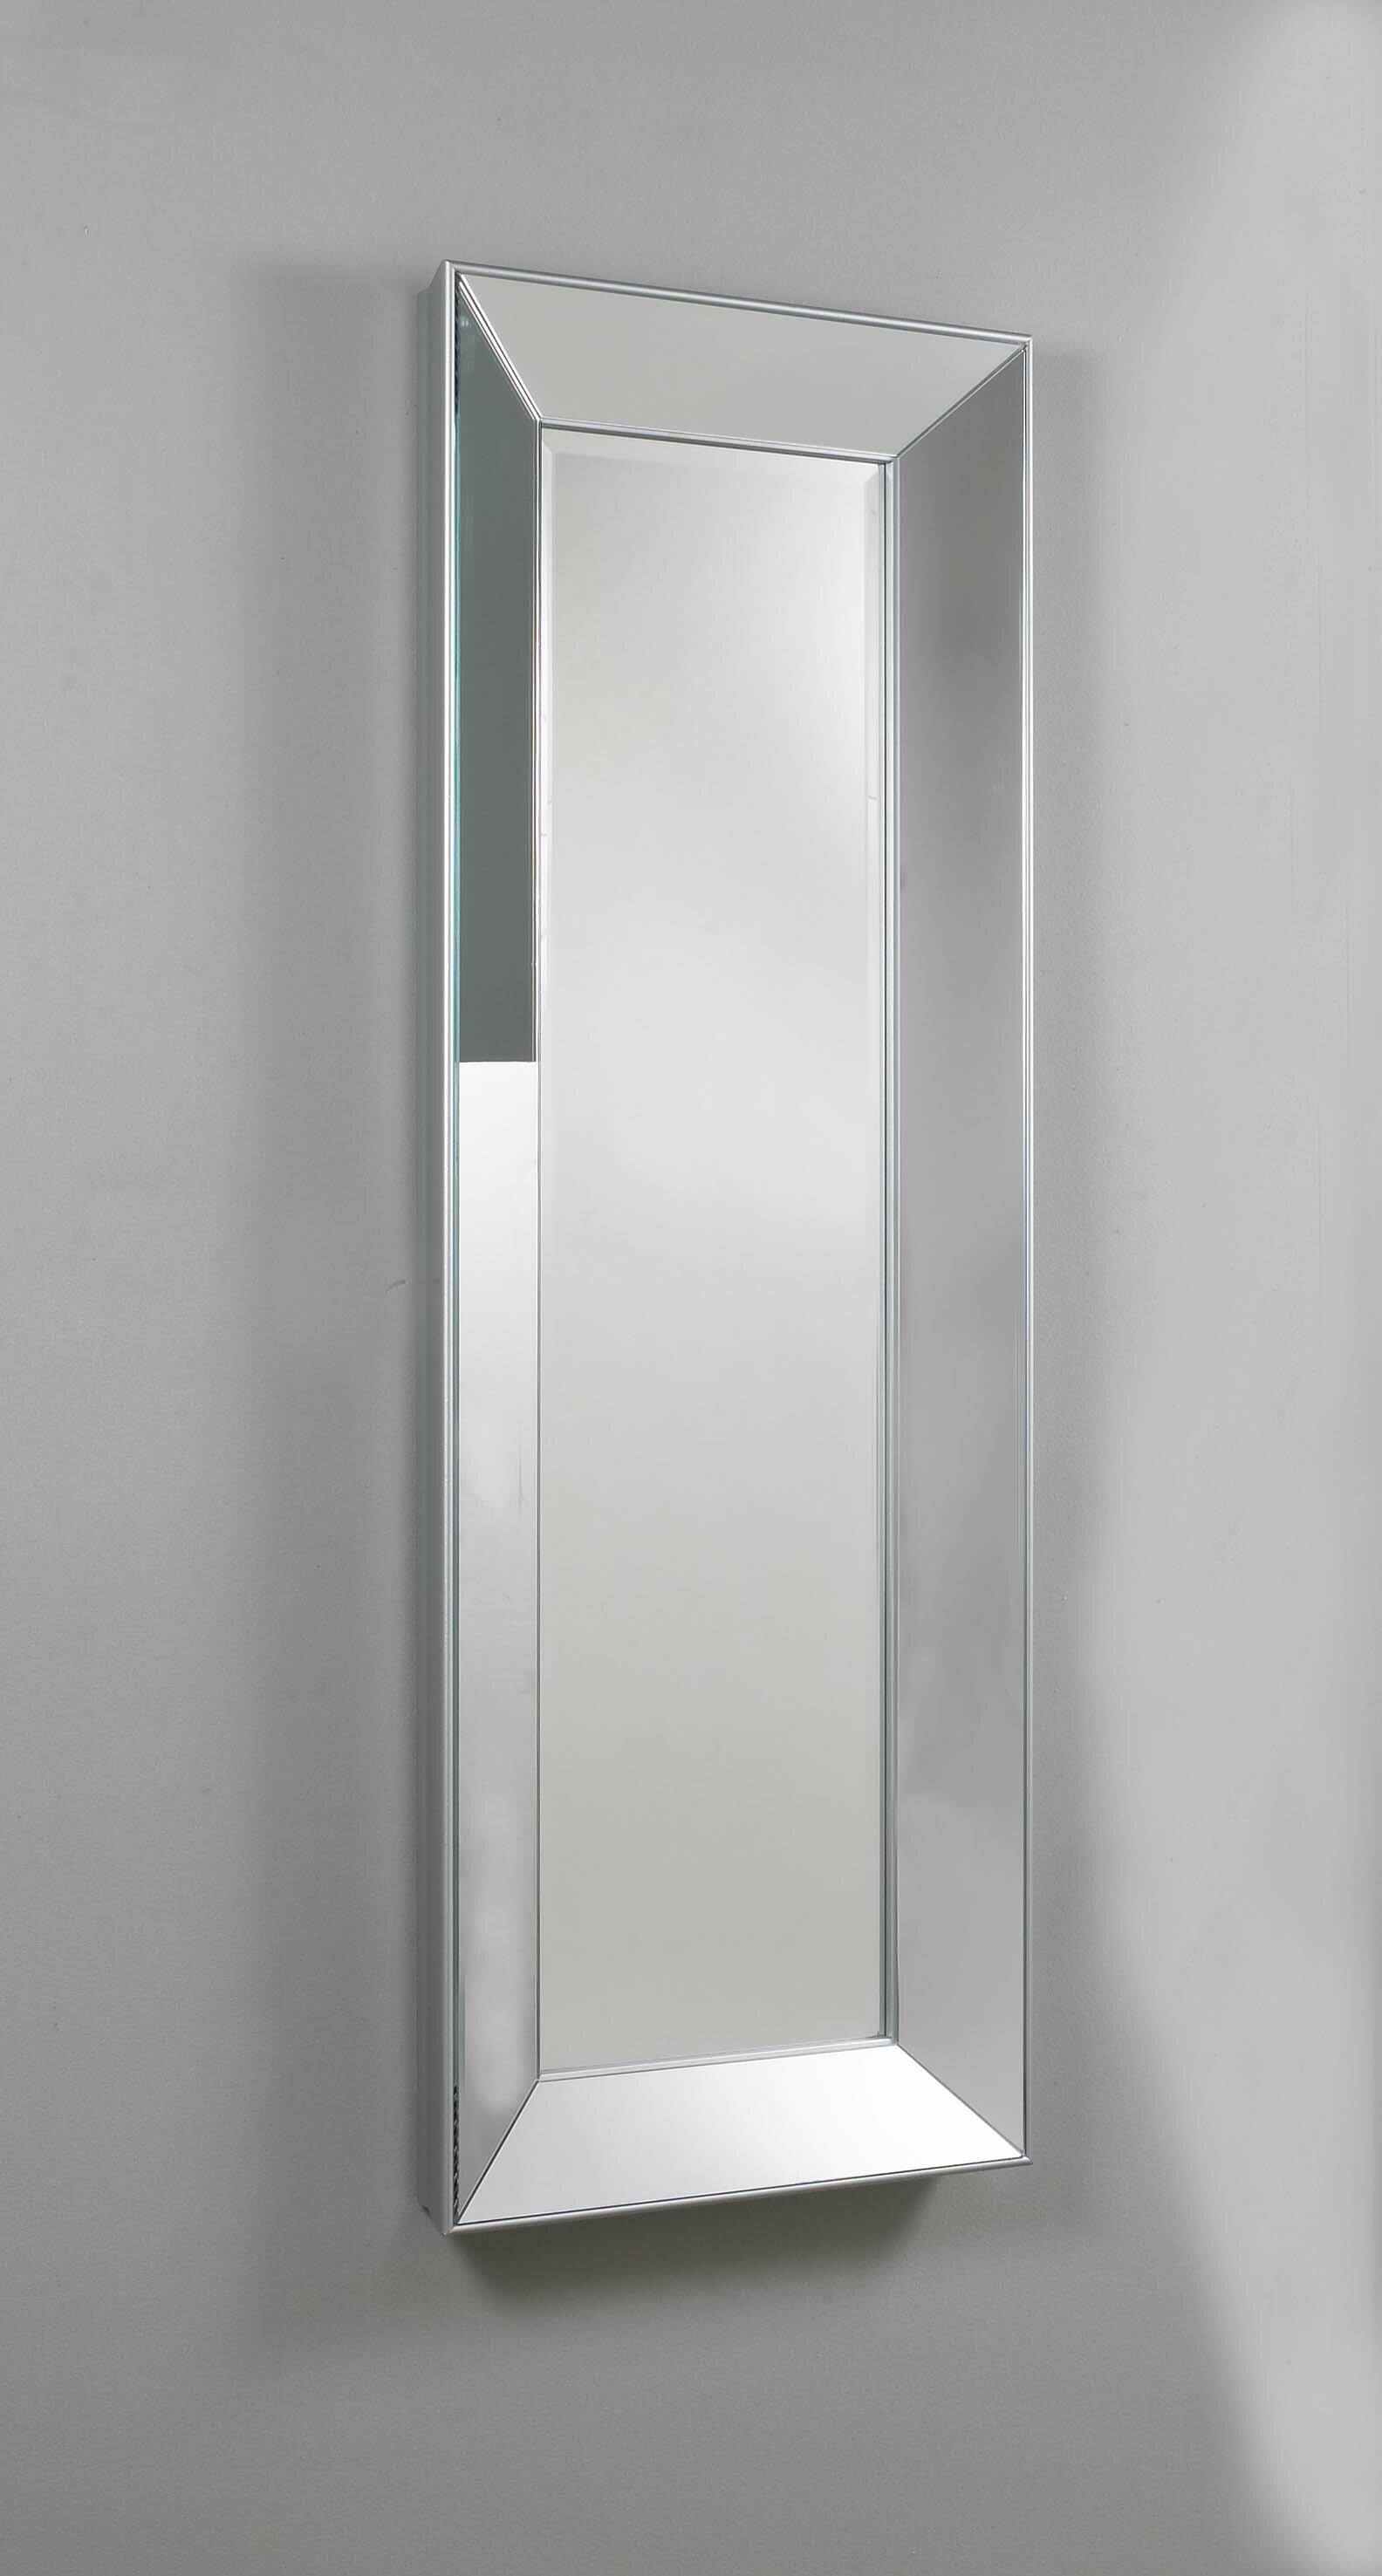 Hokku Designs Wandspiegel Monaco & Bewertungen | Wayfair.de